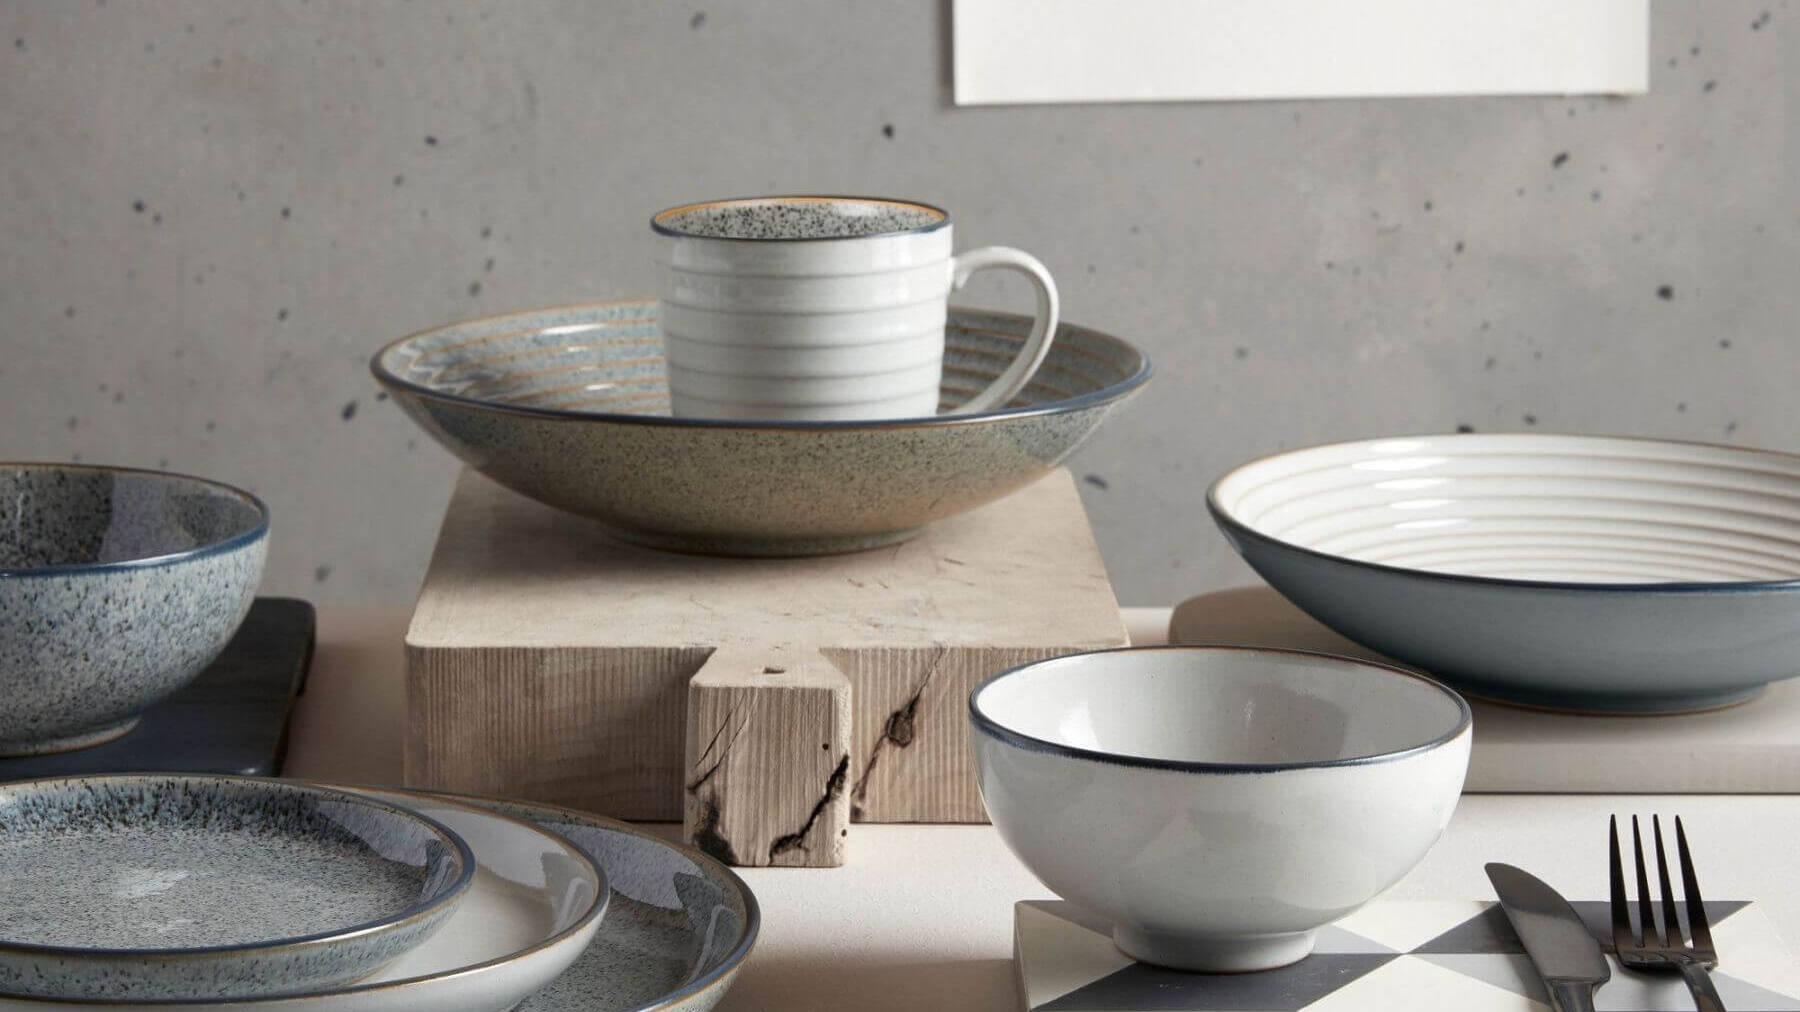 Студио Грей Denby - купить посуду в интернет-магазине Glavfish